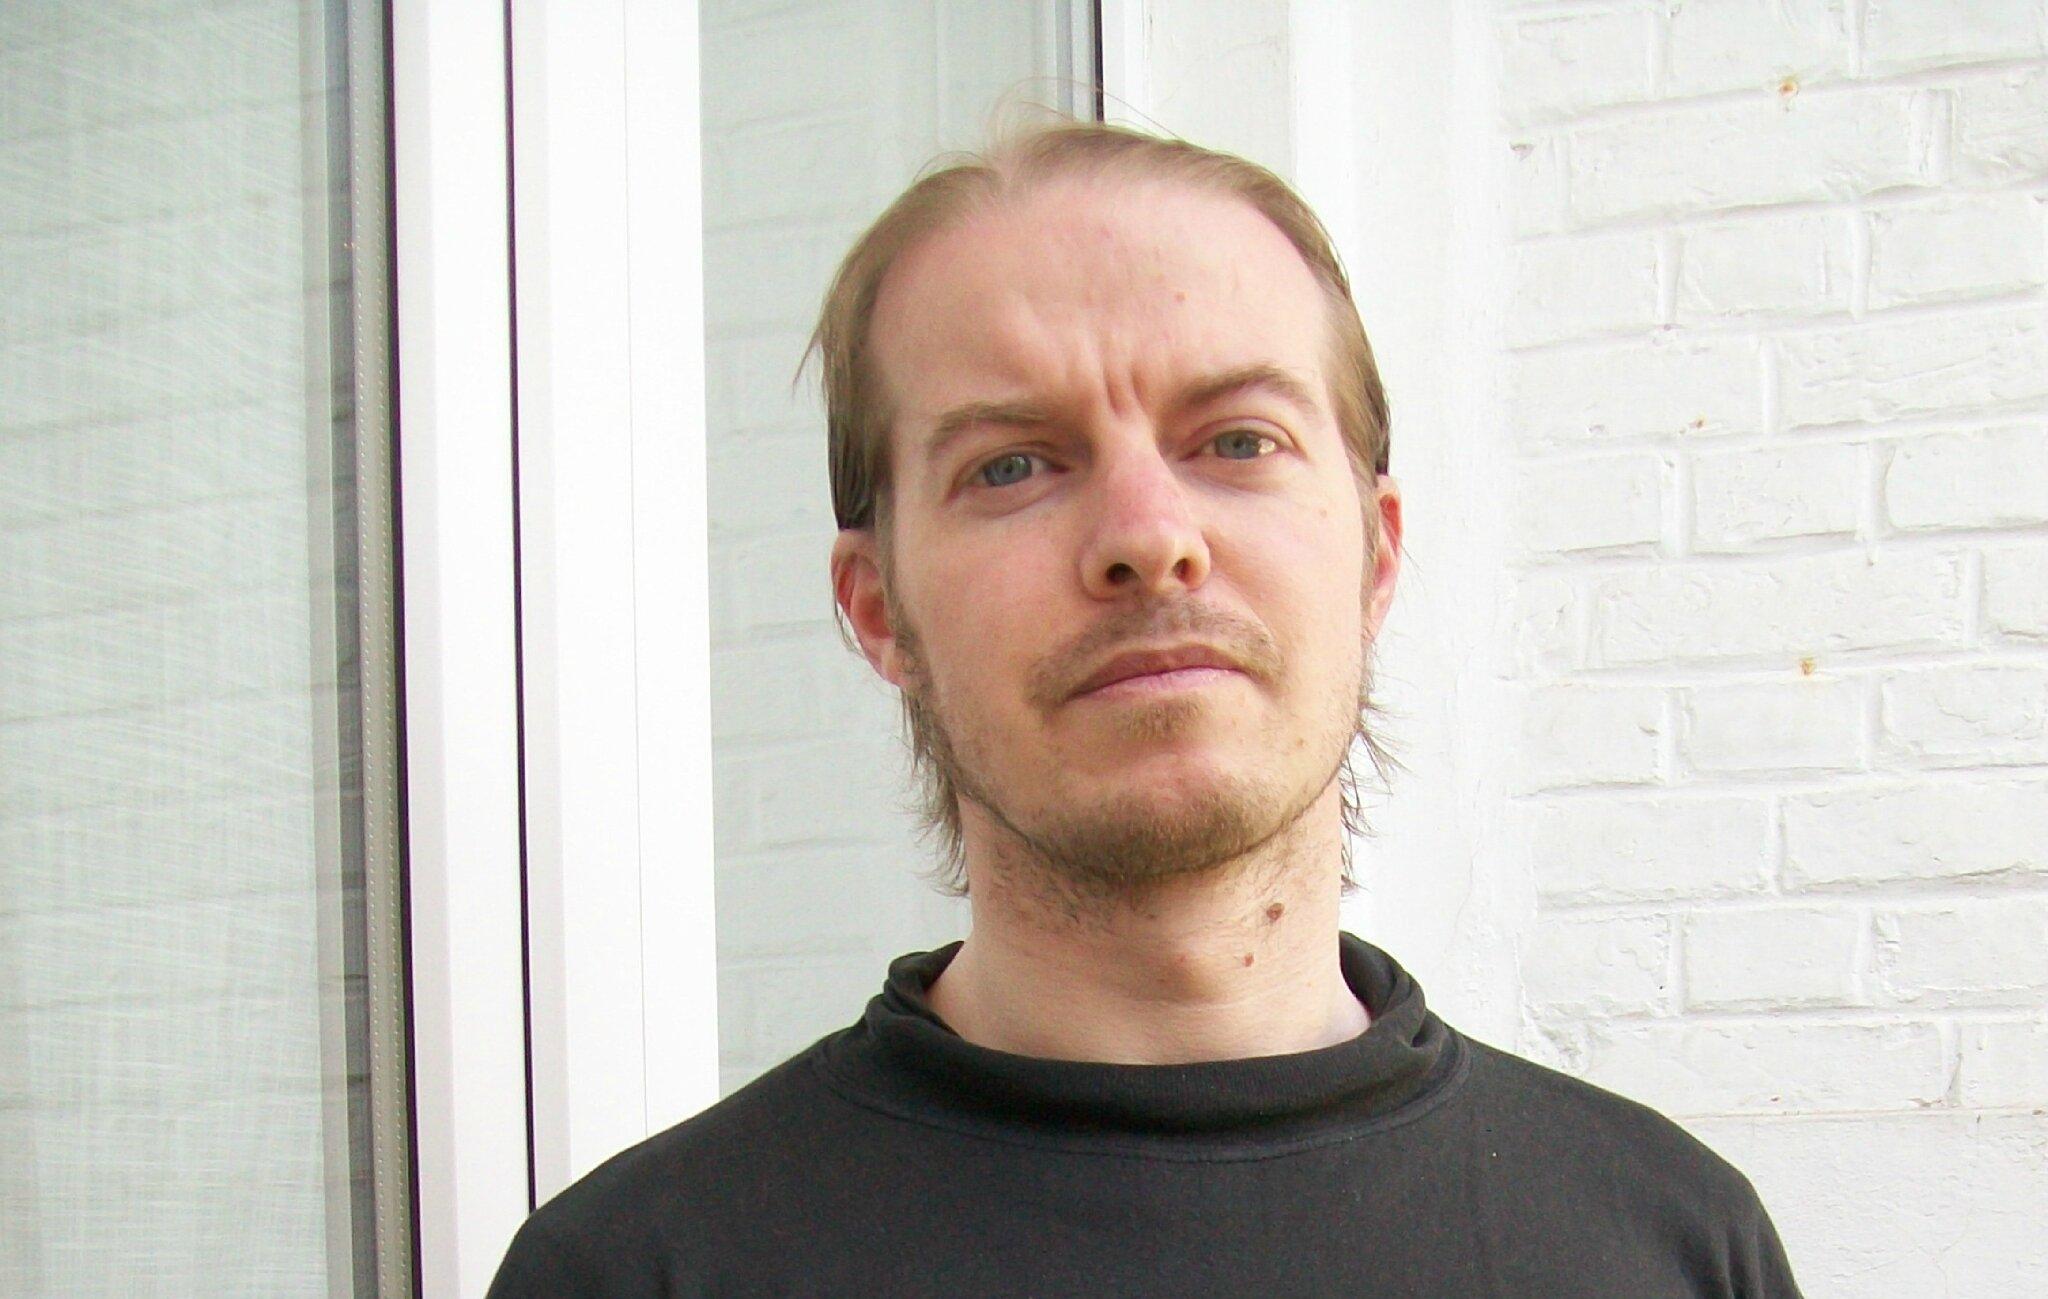 PREMIERE LETTRE de DAPHNIS BOELENS à TIM GUÉNARD (4 juin 2005) - par  rapport à PLUS FORT QUE LA HAINE 83cee352fc9